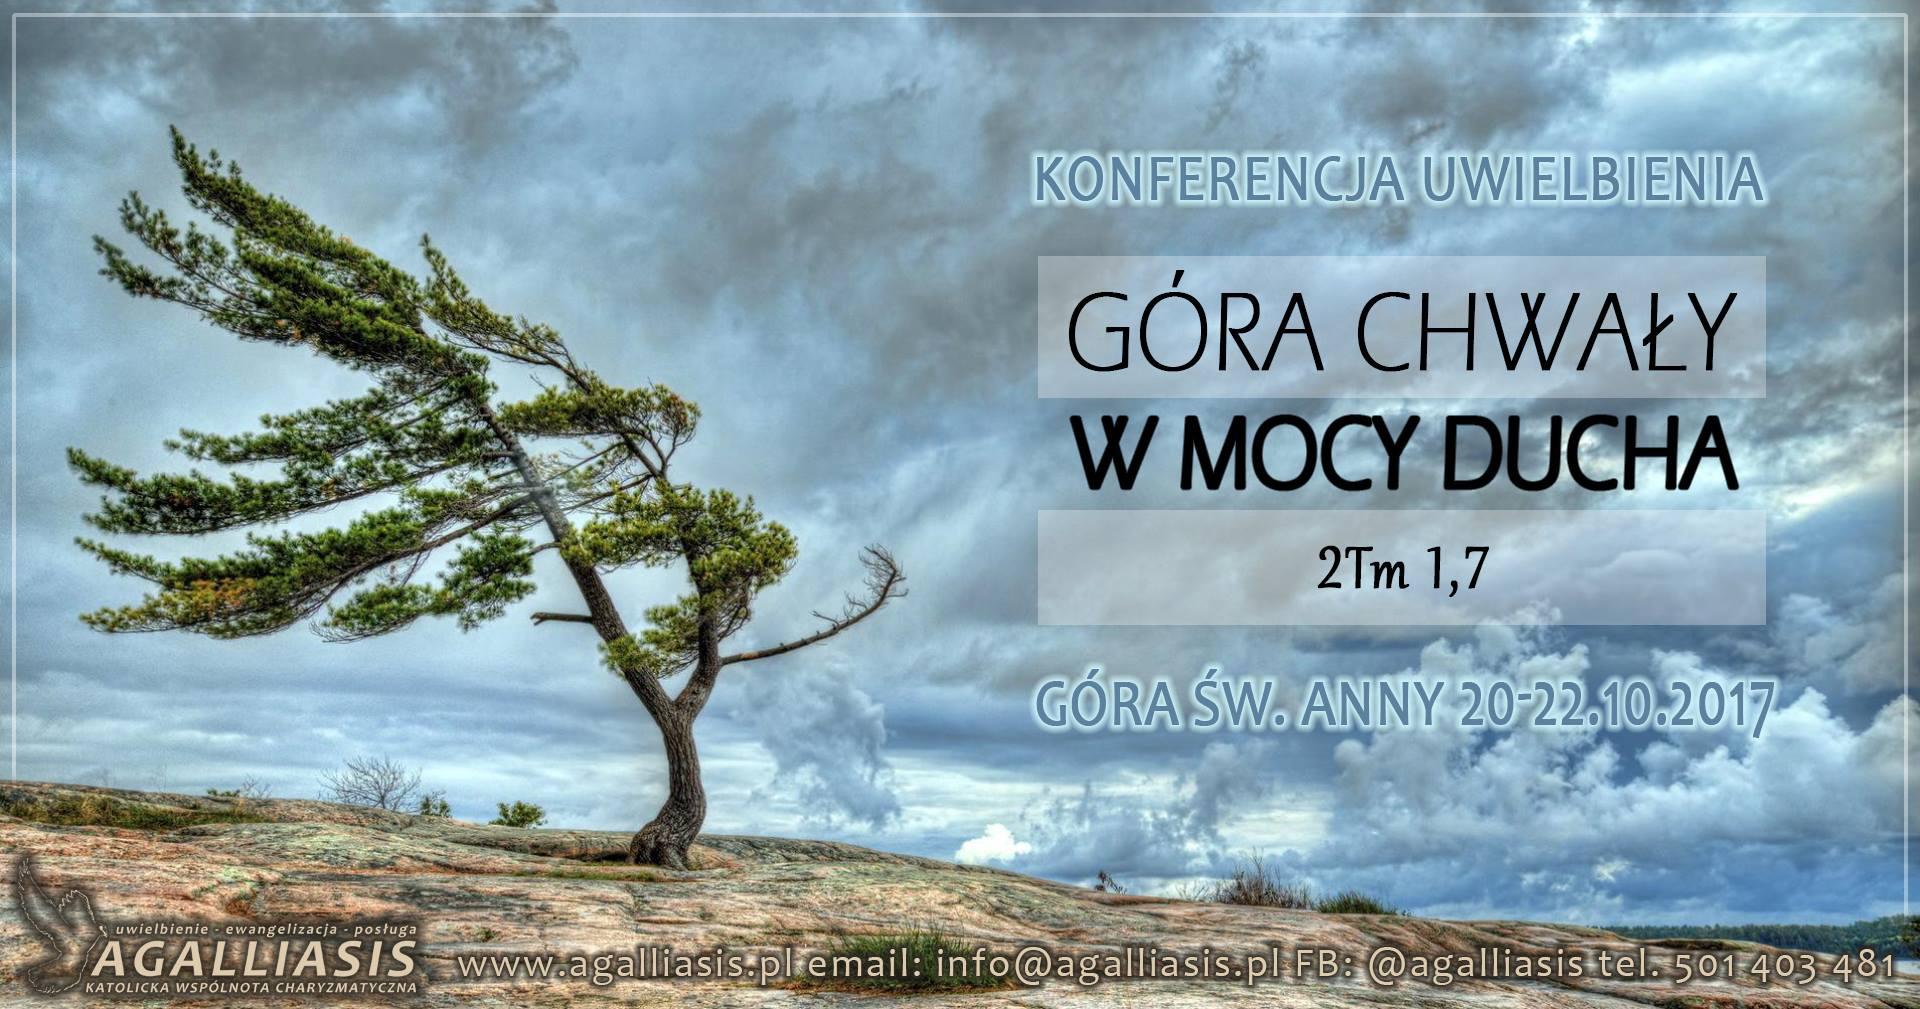 II Konferencja Uwielbienia - GÓRA CHWAŁY - Agalliasis